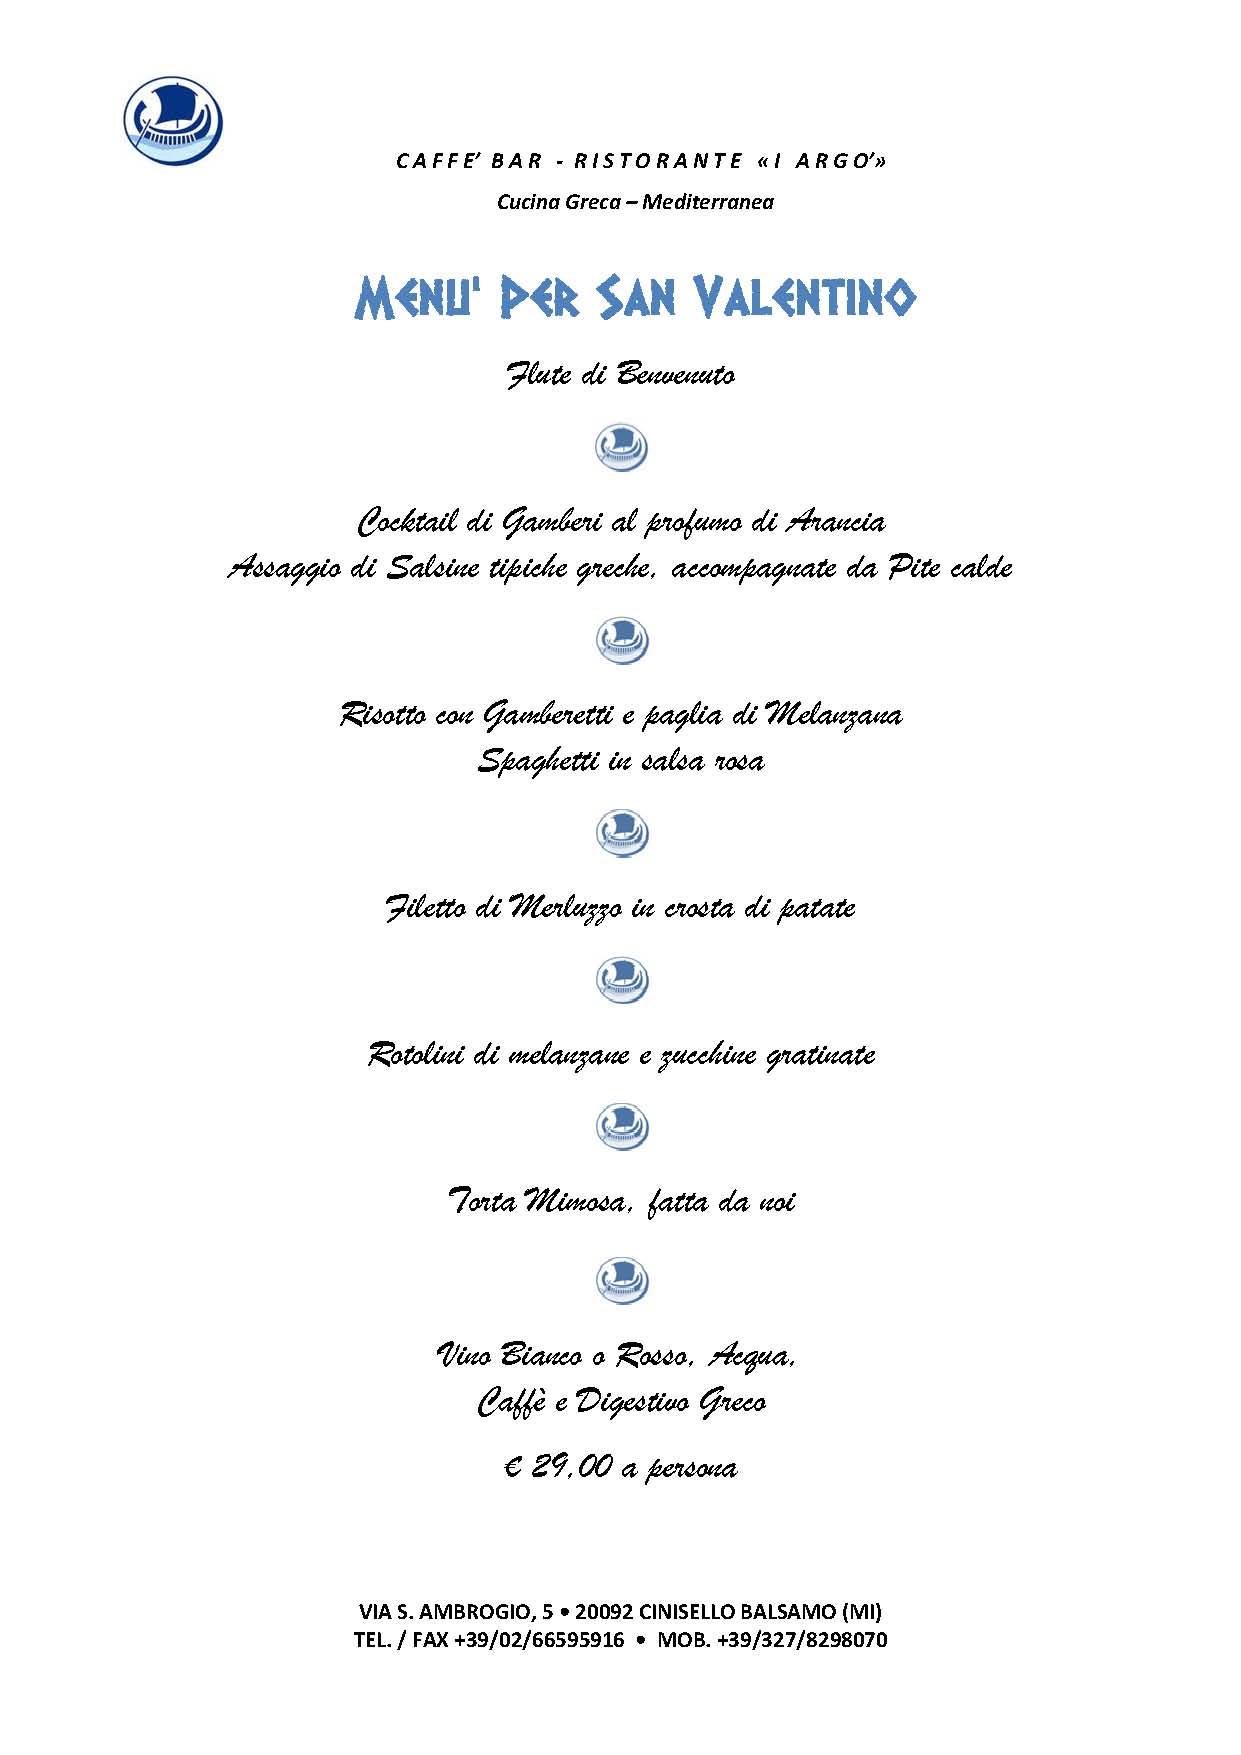 Menù per San Valentino 2015